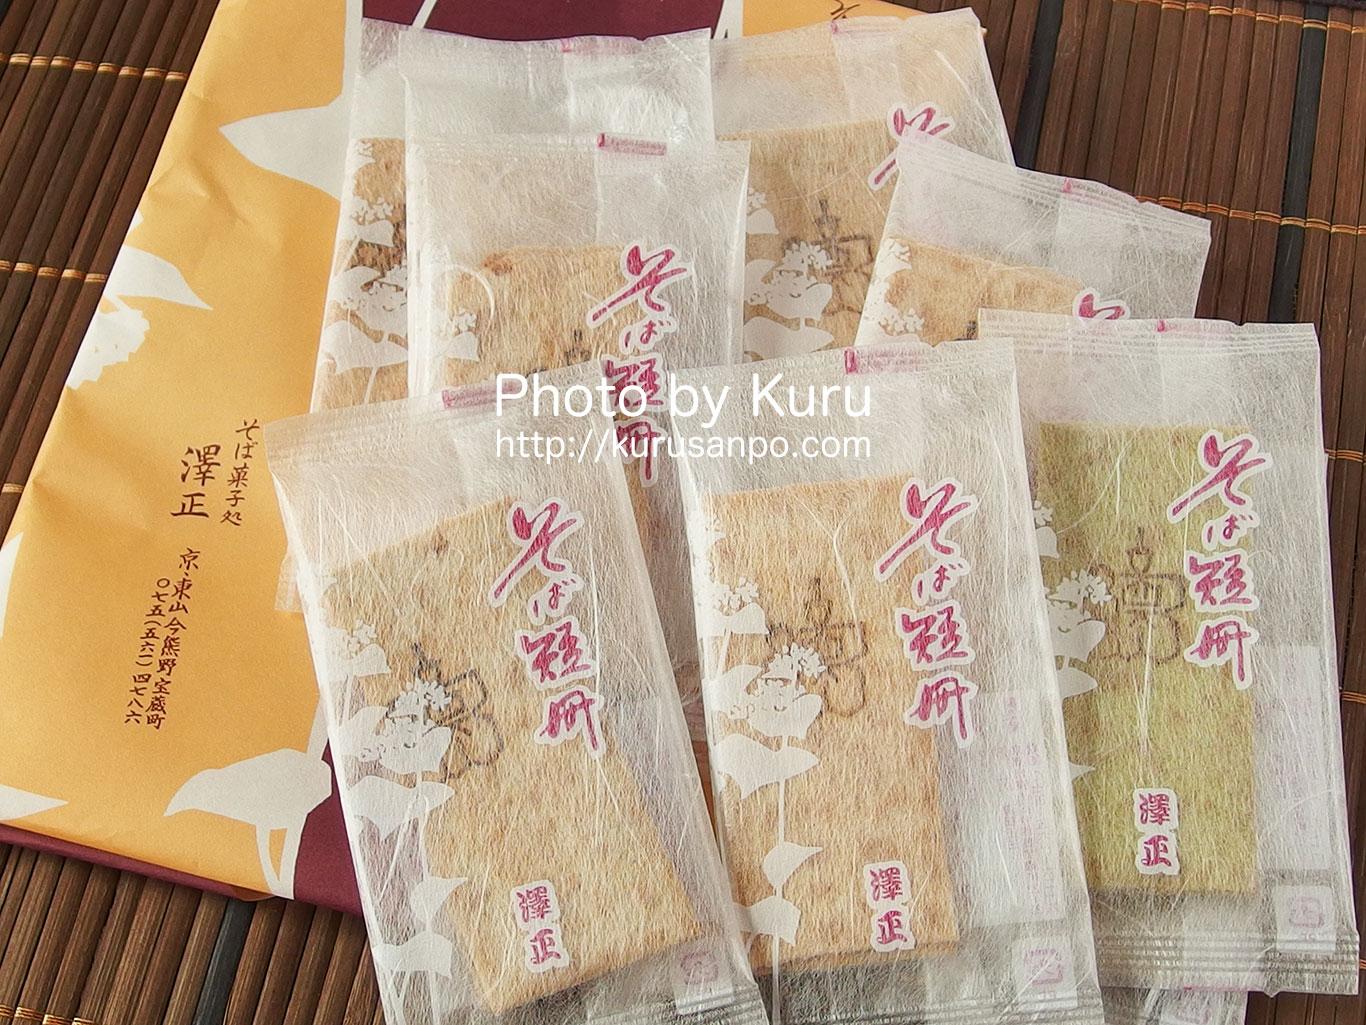 澤正の『そば短冊』を京都土産にもらった!これ美味しい♪